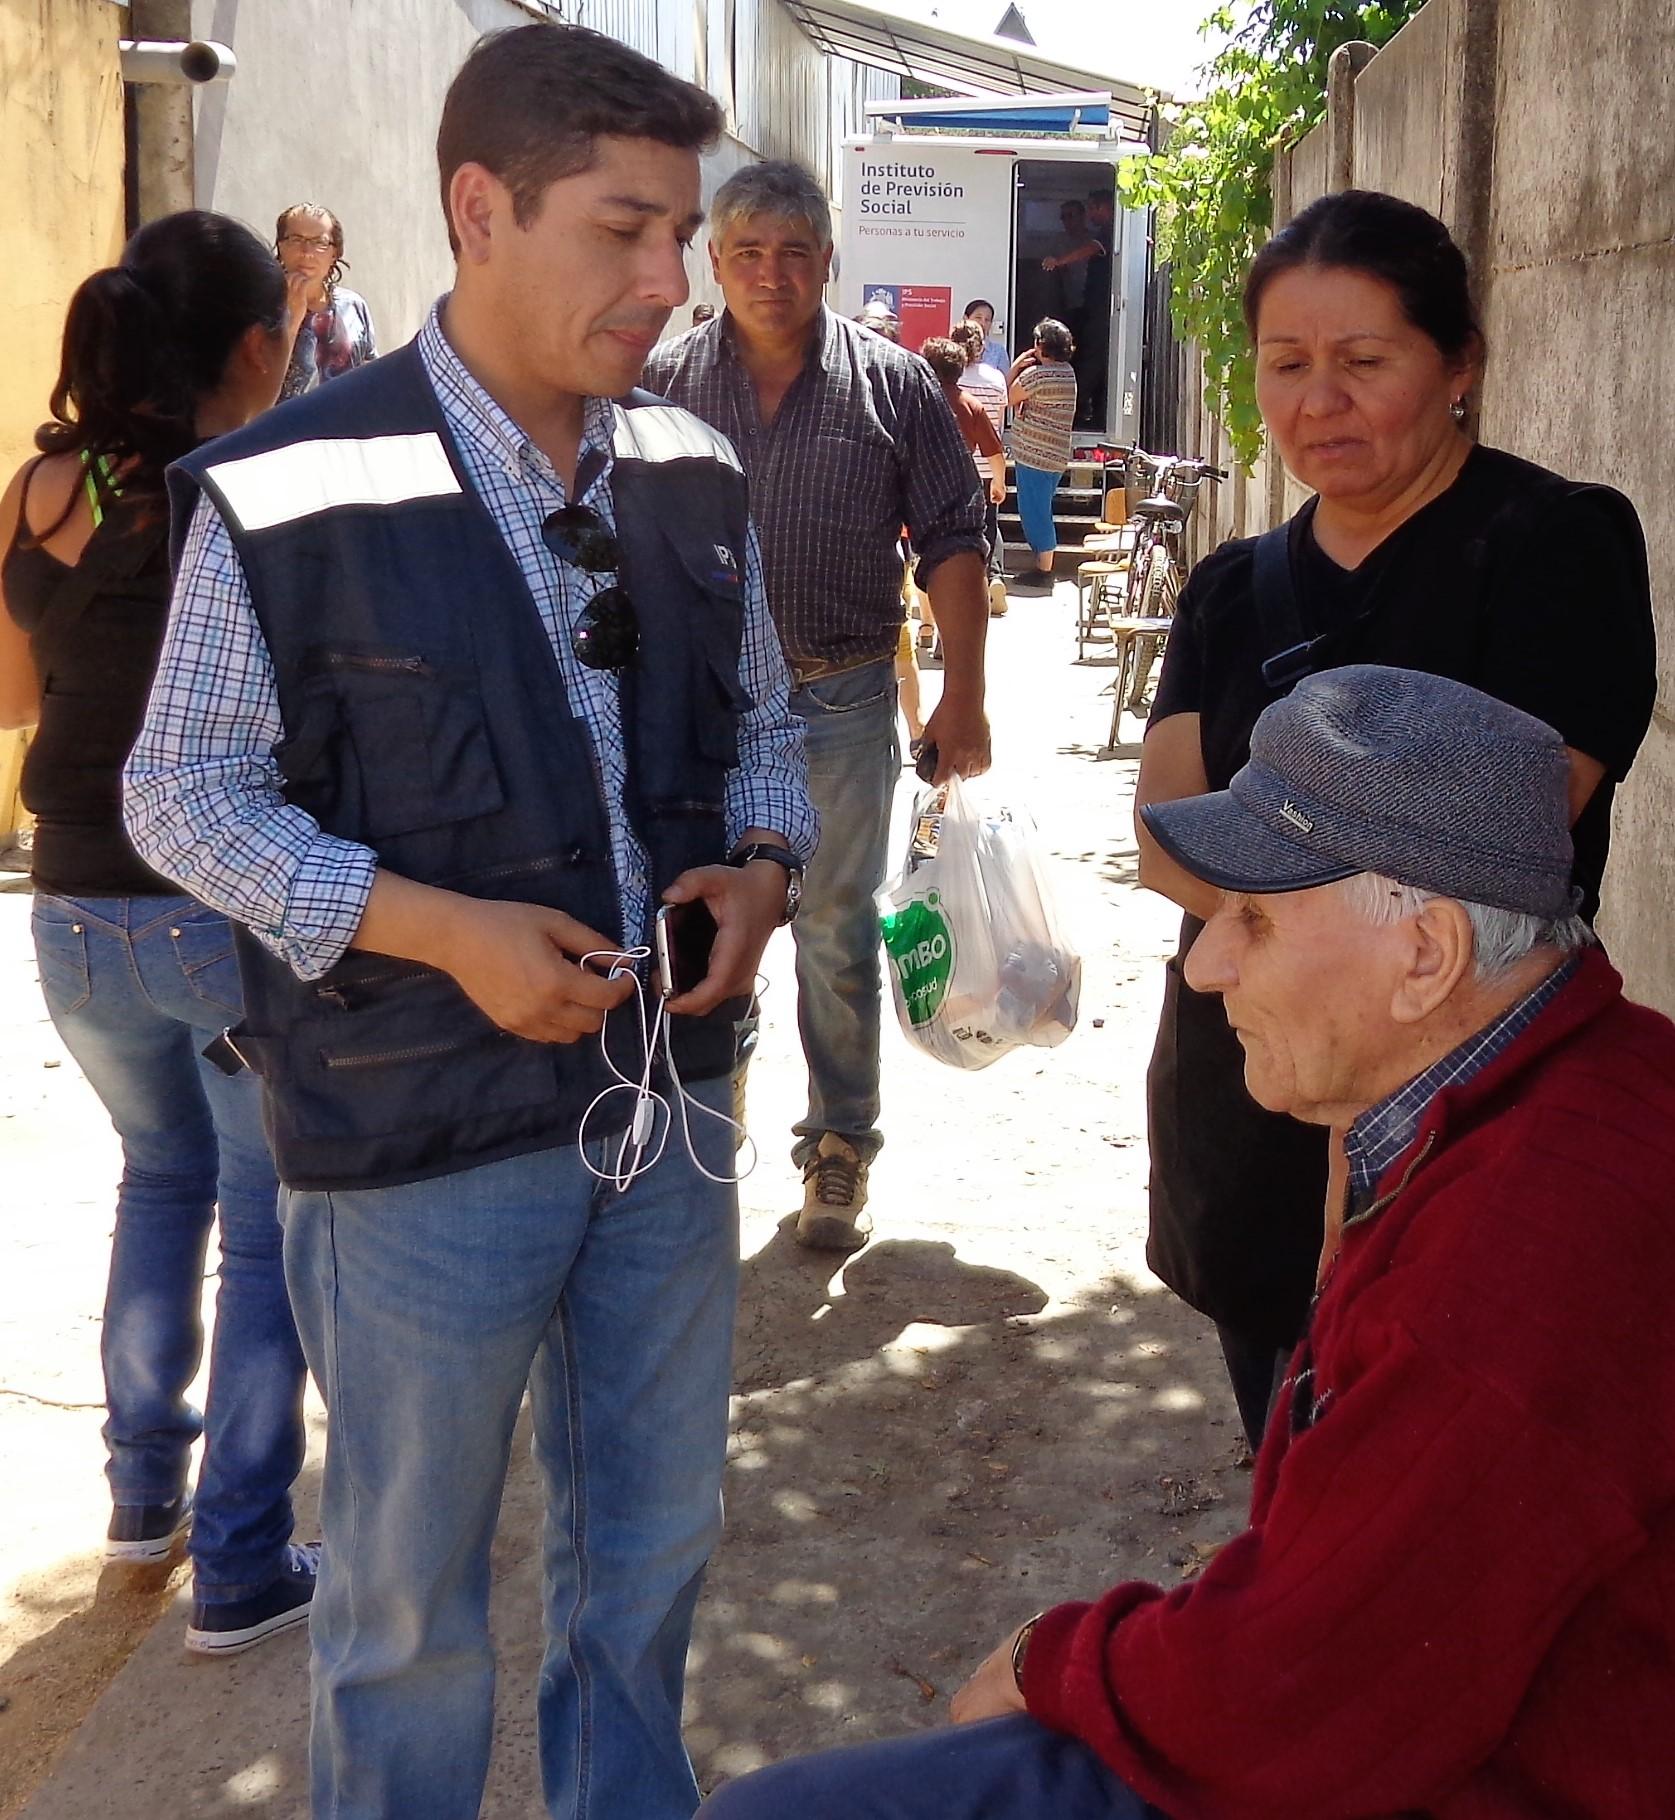 IPS Móviles finalizaron su labor en la región del Maule apoyando el pago rural de Hualañé